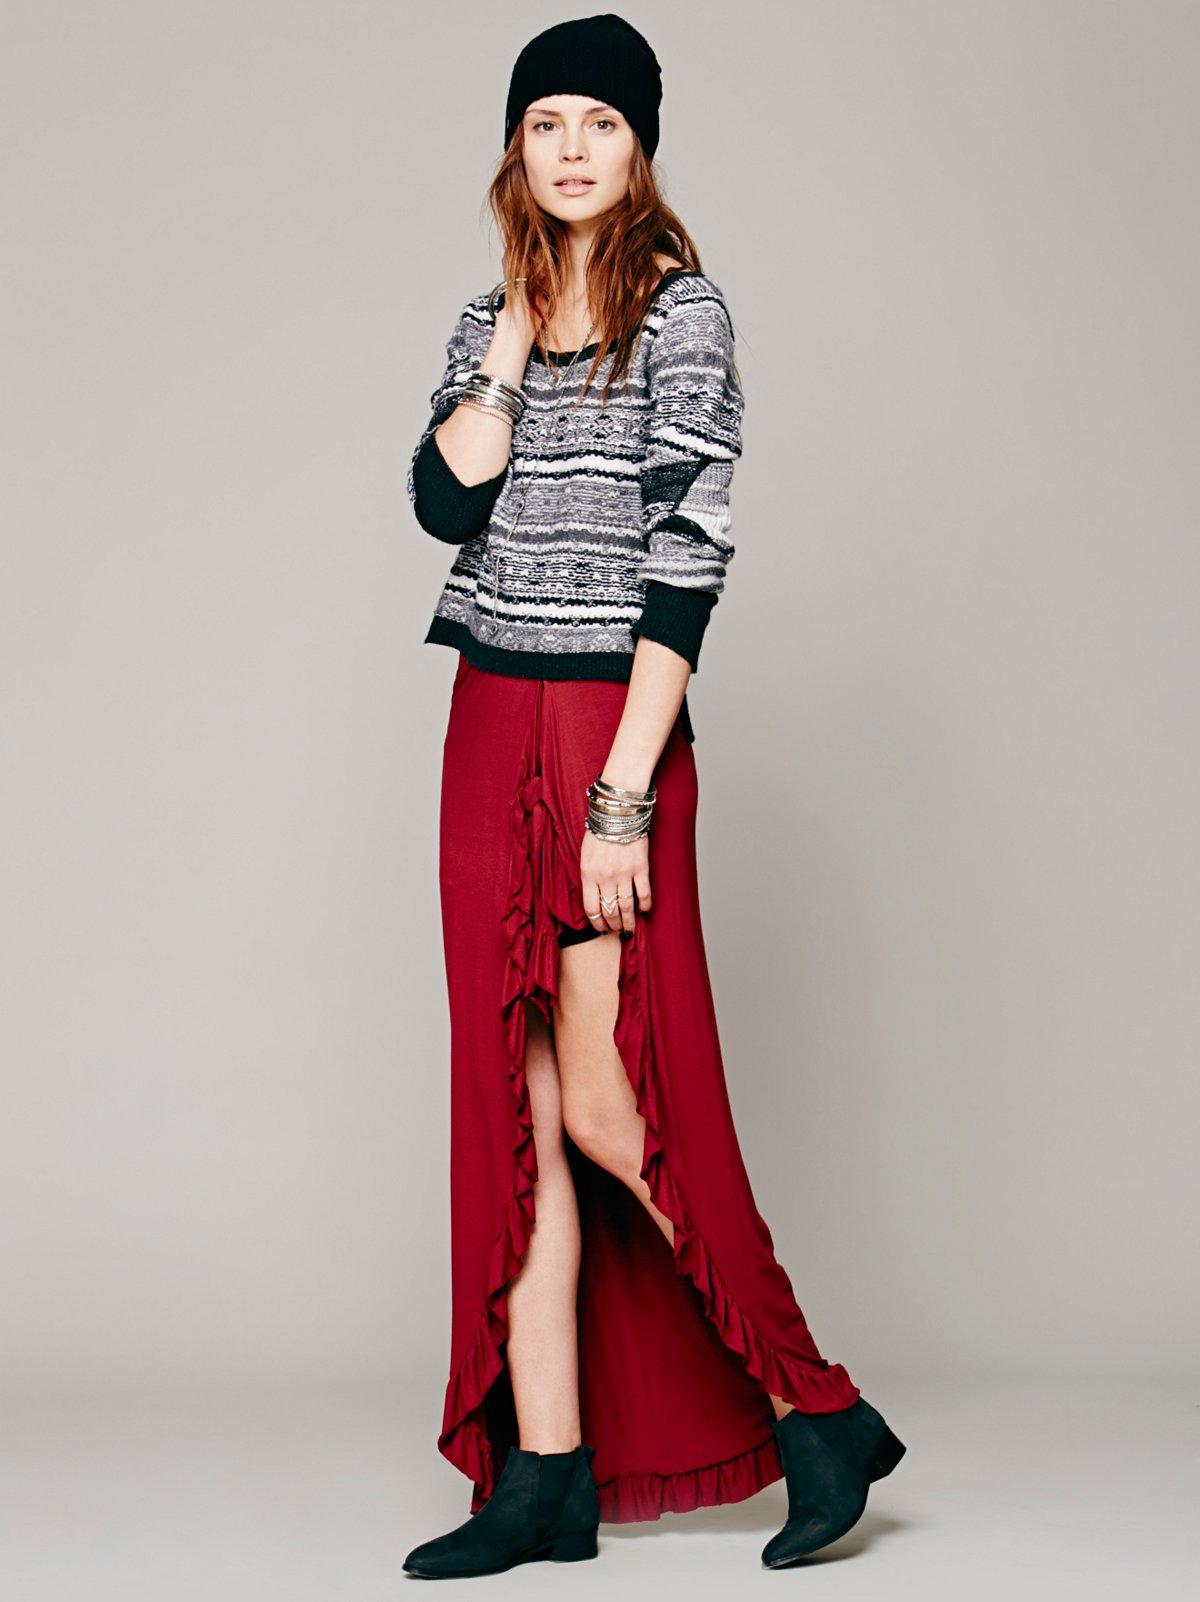 Ruffled Edges Wrap Skirt